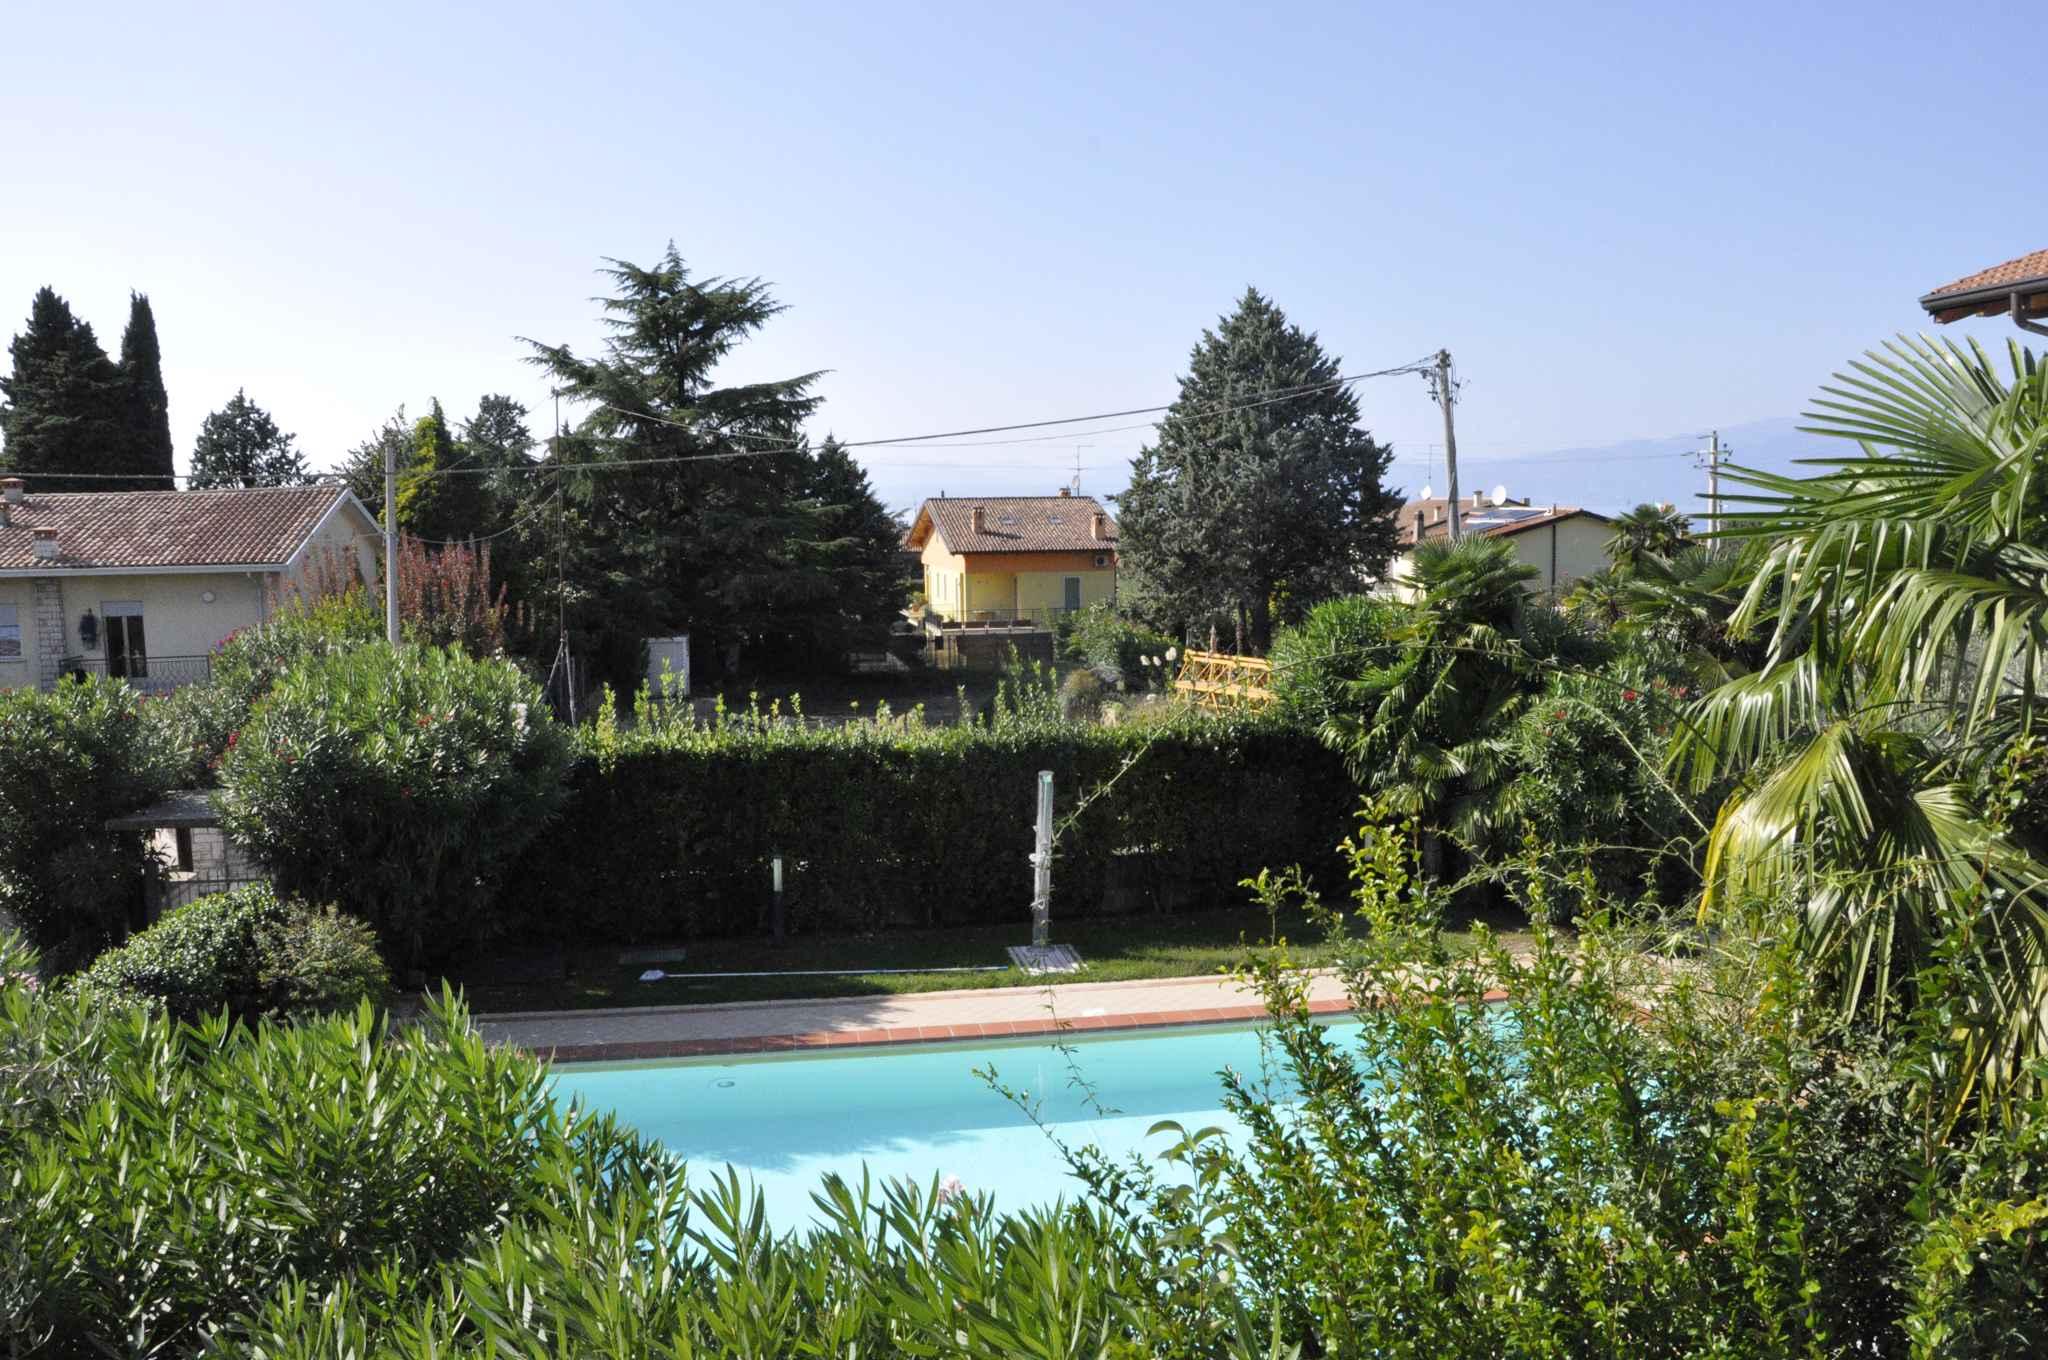 Ferienwohnung mit Pool (485665), Lazise, Gardasee, Venetien, Italien, Bild 2